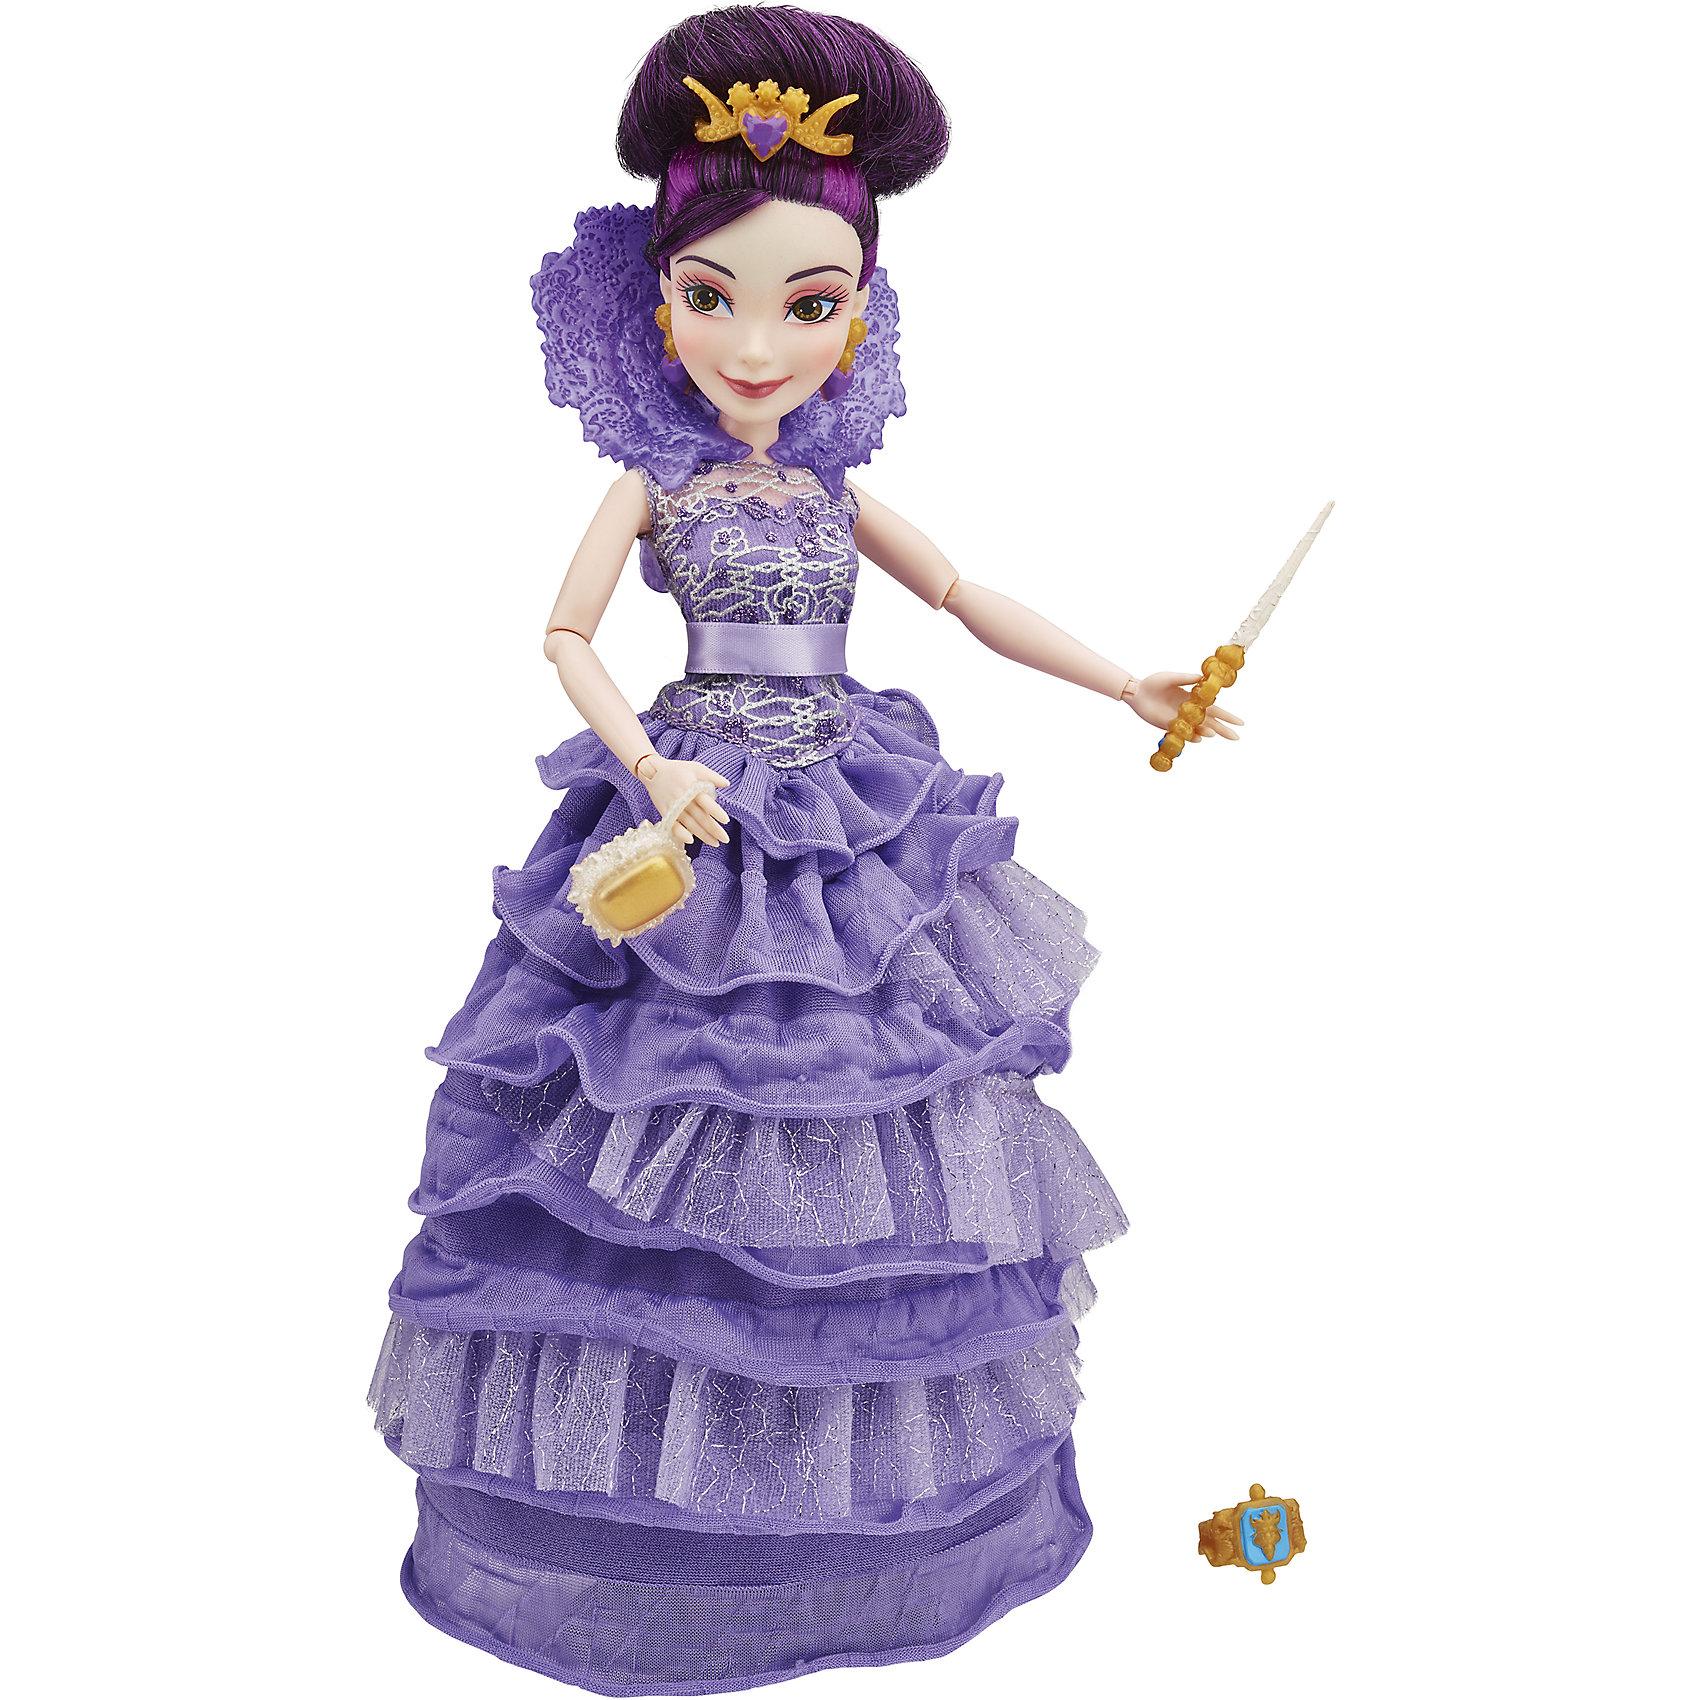 Кукла Мел в платье для коронации, Наследники, DisneyИгрушки<br>Темные герои в платьях для коронации, Наследники, Disney, B3120/B3121.<br><br>Характеристики:<br><br>- В наборе: 1 кукла в платье для коронации, тиара, скипетр, сумочка, кольцо для девочки<br>- Высота куклы: 27,5 см.<br>- Материал: высококачественный пластик, текстиль<br><br>Замечательная кукла Мел станет приятным подарком для девочки - поклонницы мультфильма «Наследники». Кукла выполнена с соблюдением внешних особенностей диснеевской героини Мел, дочери Малефисенты и одета в праздничное вечернее платье для коронации. В наряде Мел преобладает сиреневый цвет. На ней длинное платье с пышной юбкой и высоким воротником. На ногах - золотые босоножки, а в руках скипетр и стильная сумочка. У куклы красивые густые волосы фиолетового цвета, которые можно заплетать в различные косы или укладывать в прически. Волосы уложены в высокую прическу, на голове красуется тиара. Насыщенный макияж Мел подчеркивает выразительность глаз, а длинные нарисованные реснички делают взгляд проницательным и ярким. А еще вашу малышку ждет приятный сюрприз - в набор входит золотистое колечко с гербом, которое она сможет носить на своей руке. Кукла имеет шарнирное соединение в 11 точках артикуляции, и может принимать любую позу. Игрушка выполнена из качественных, нетоксичных материалов, сертифицированных для производства детских товаров. Используемые красители безопасны для ребёнка.<br><br>Набор Темные герои в платьях для коронации, Наследники, Disney, B3120/B3121 можно купить в нашем интернет-магазине.<br><br>Ширина мм: 63<br>Глубина мм: 252<br>Высота мм: 1750<br>Вес г: 399<br>Возраст от месяцев: 72<br>Возраст до месяцев: 168<br>Пол: Женский<br>Возраст: Детский<br>SKU: 5064675